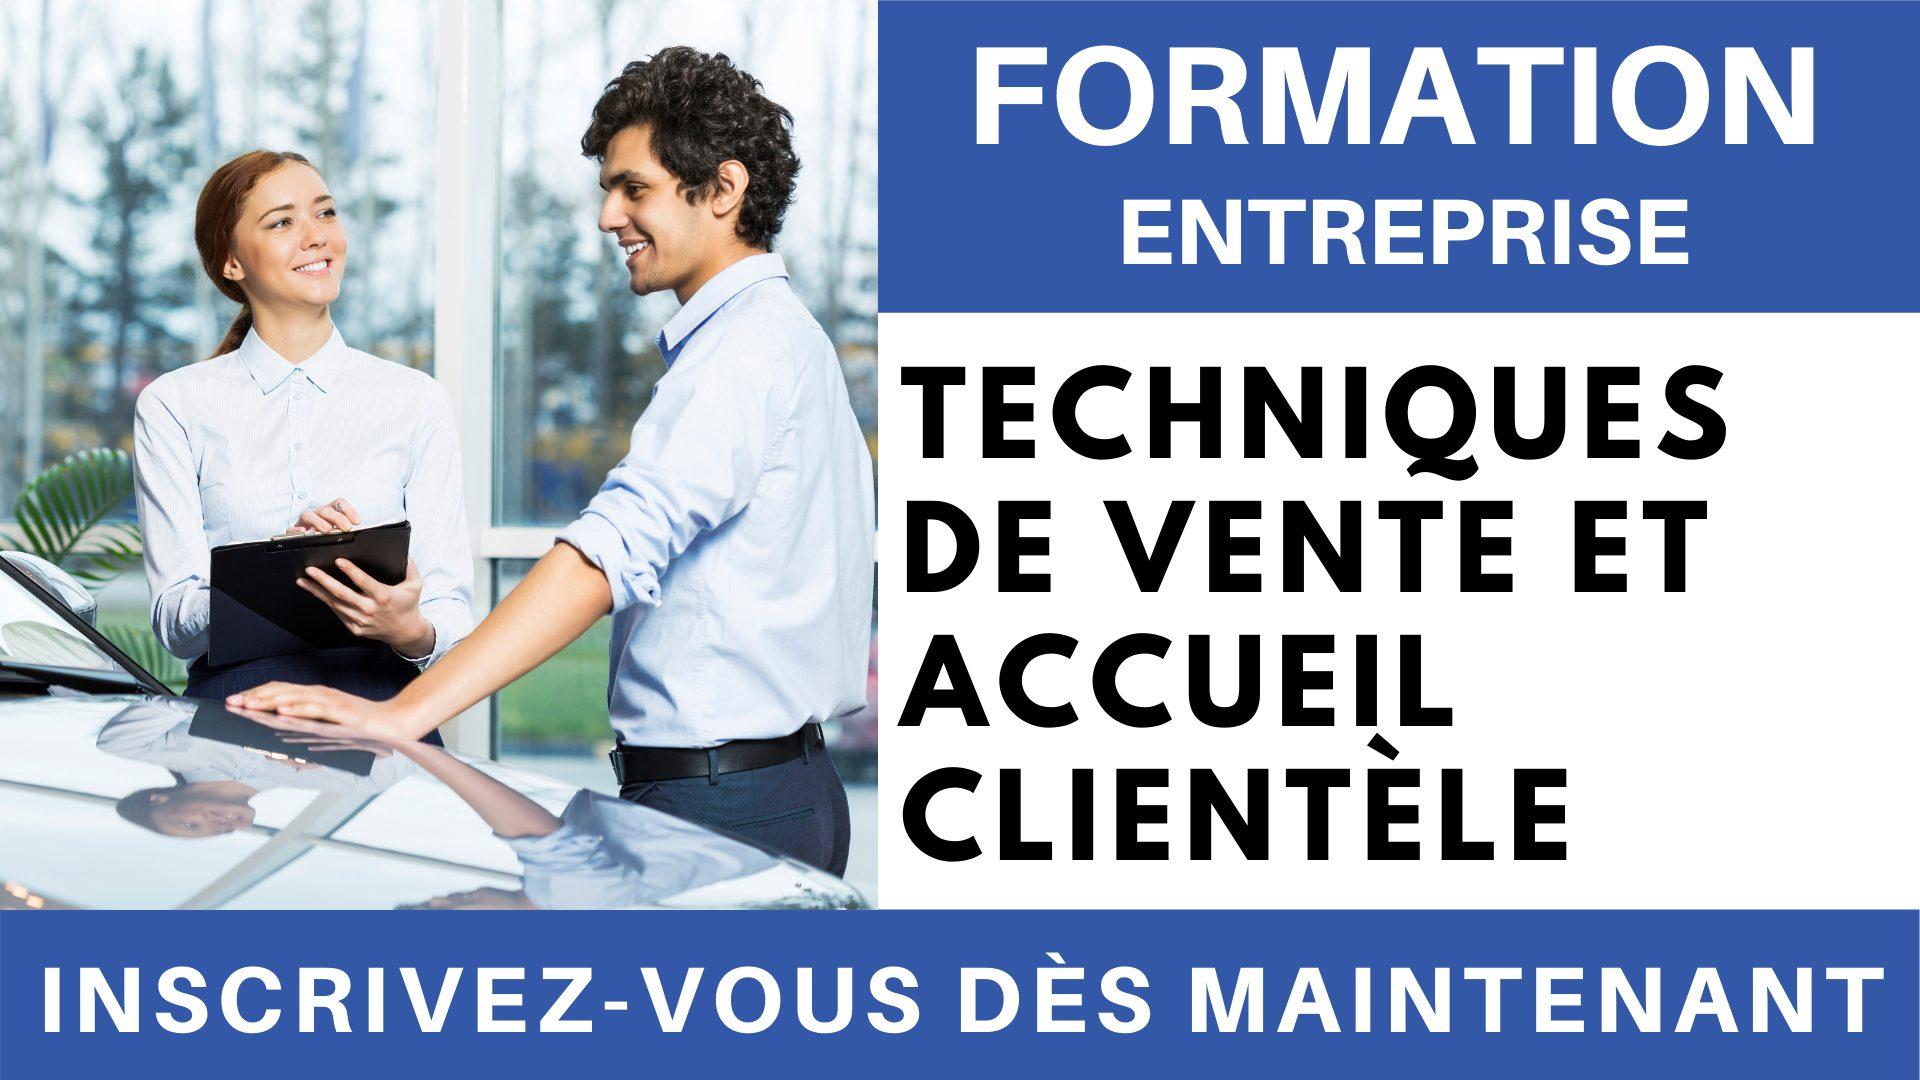 Formation Entreprise - techniques de vente et accueil clientèle